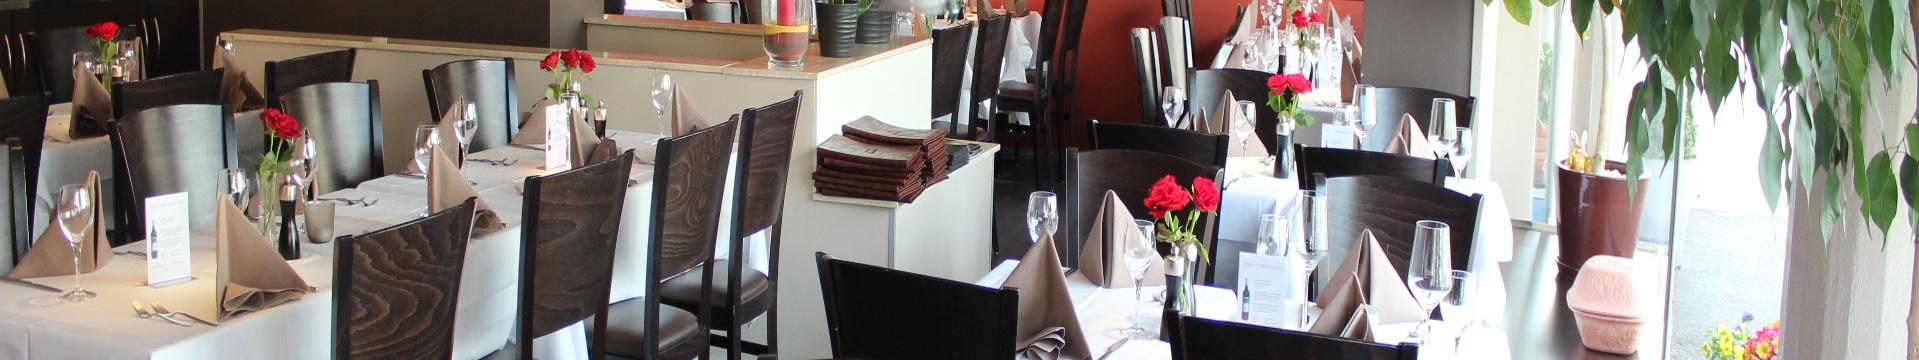 tisch reservieren restaurant